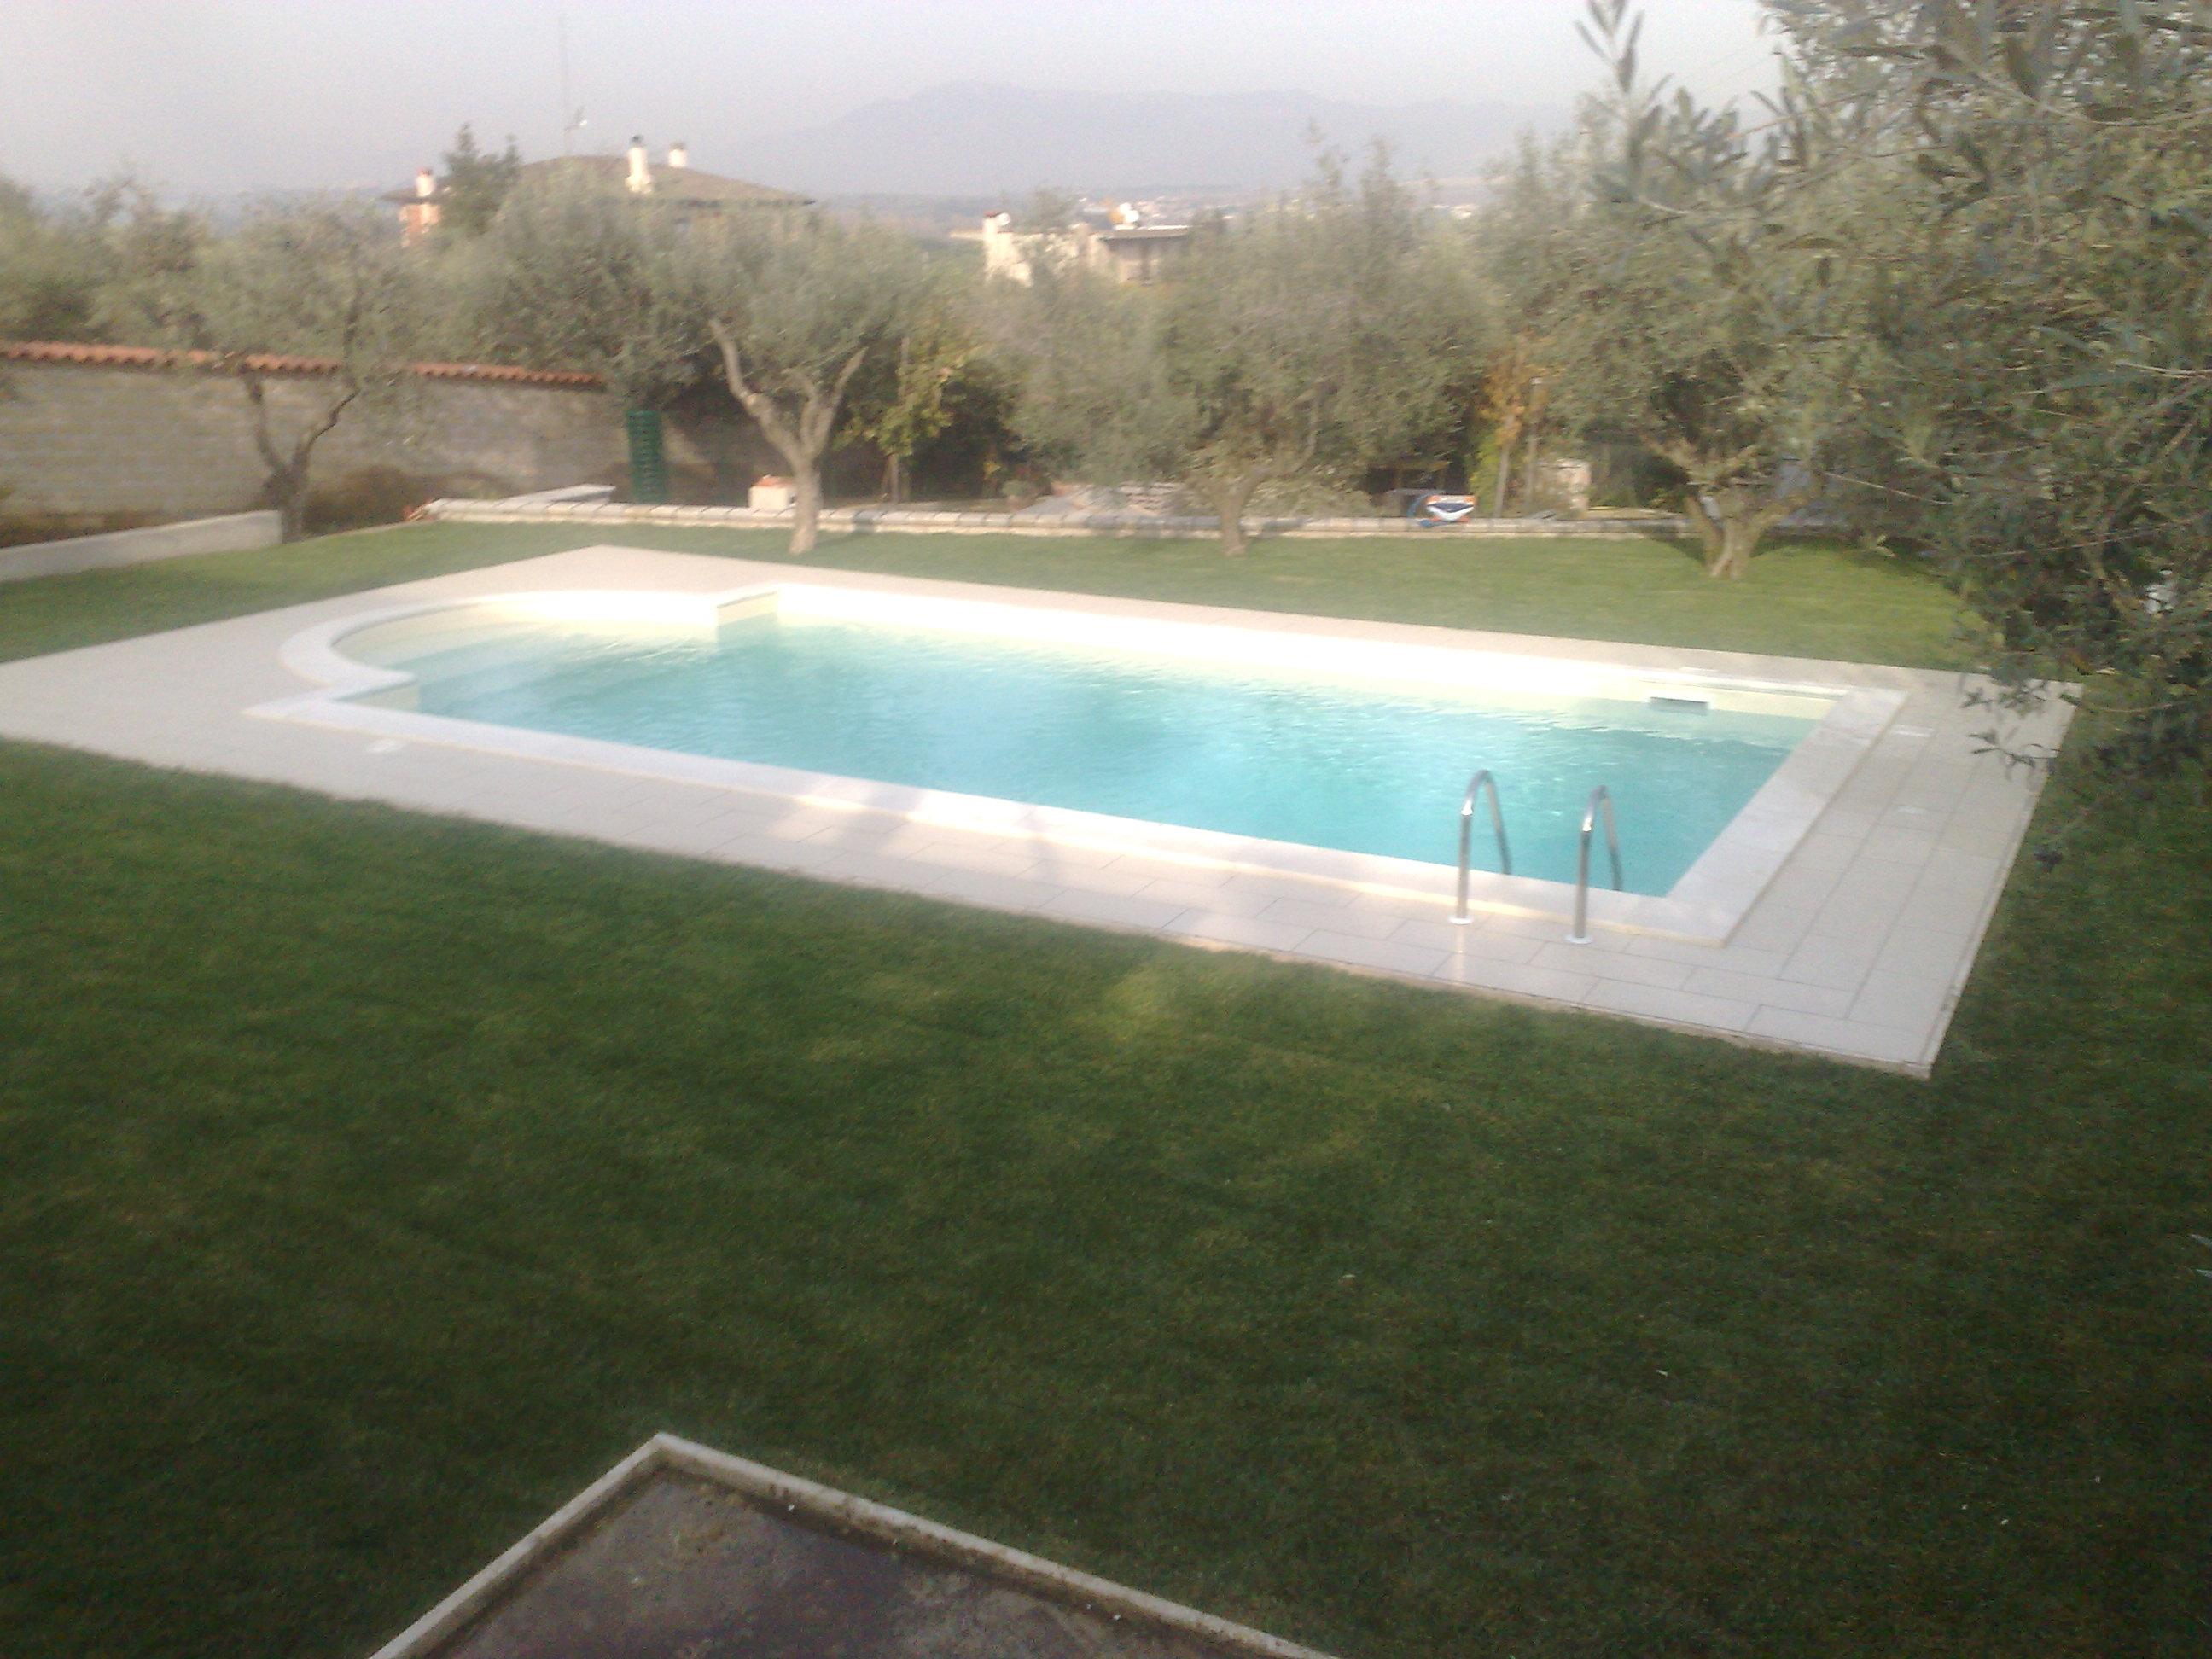 Costruzione piscine roma manutenzione tivoli guidonia - Stampi piscine vetroresina ...